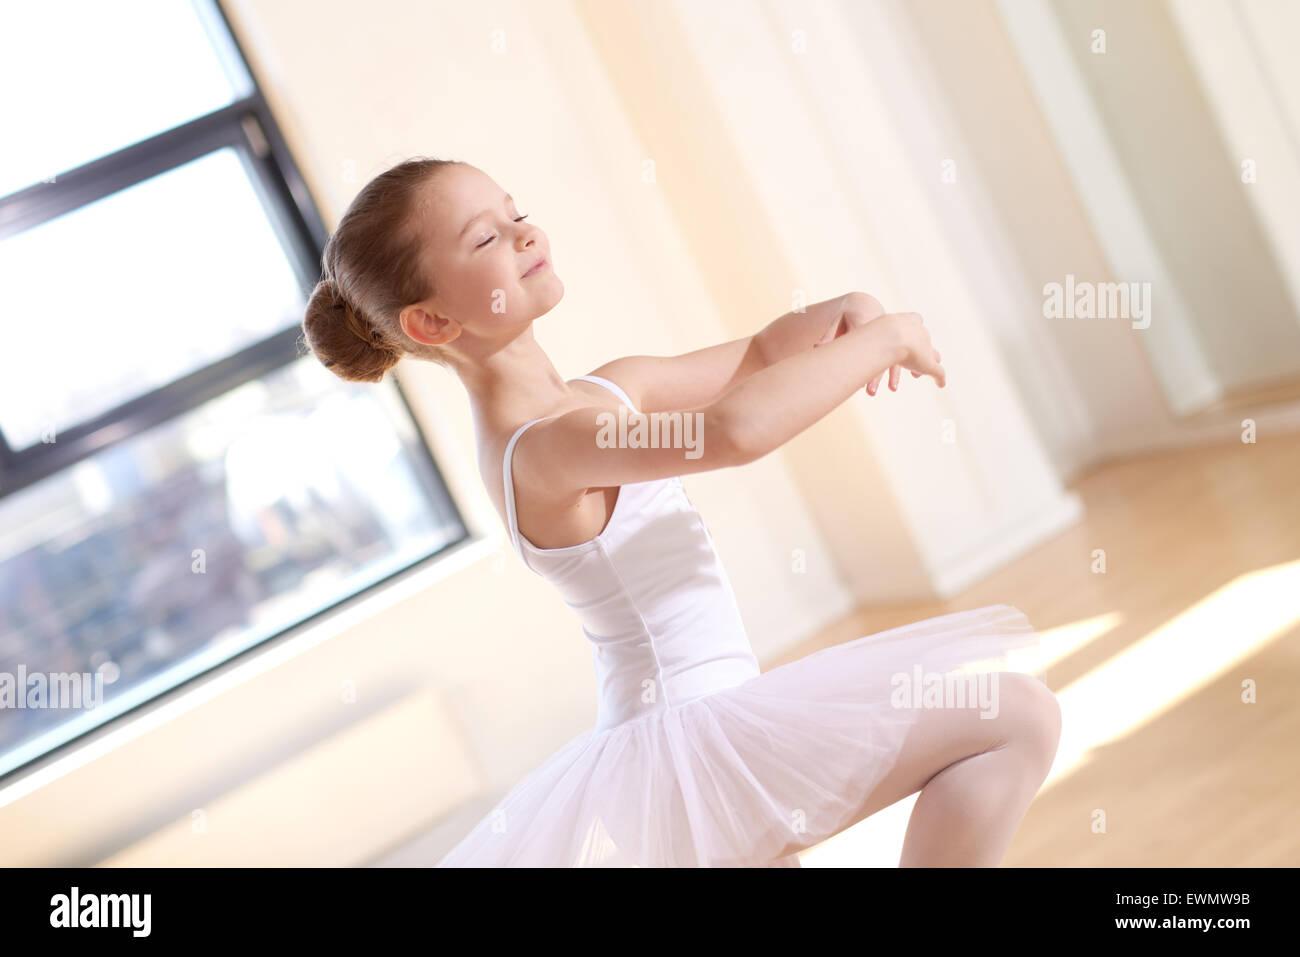 Piuttosto sorridente ragazza di balletto in bianco Tutu praticare un numero di ballo all'interno dello studio Immagini Stock